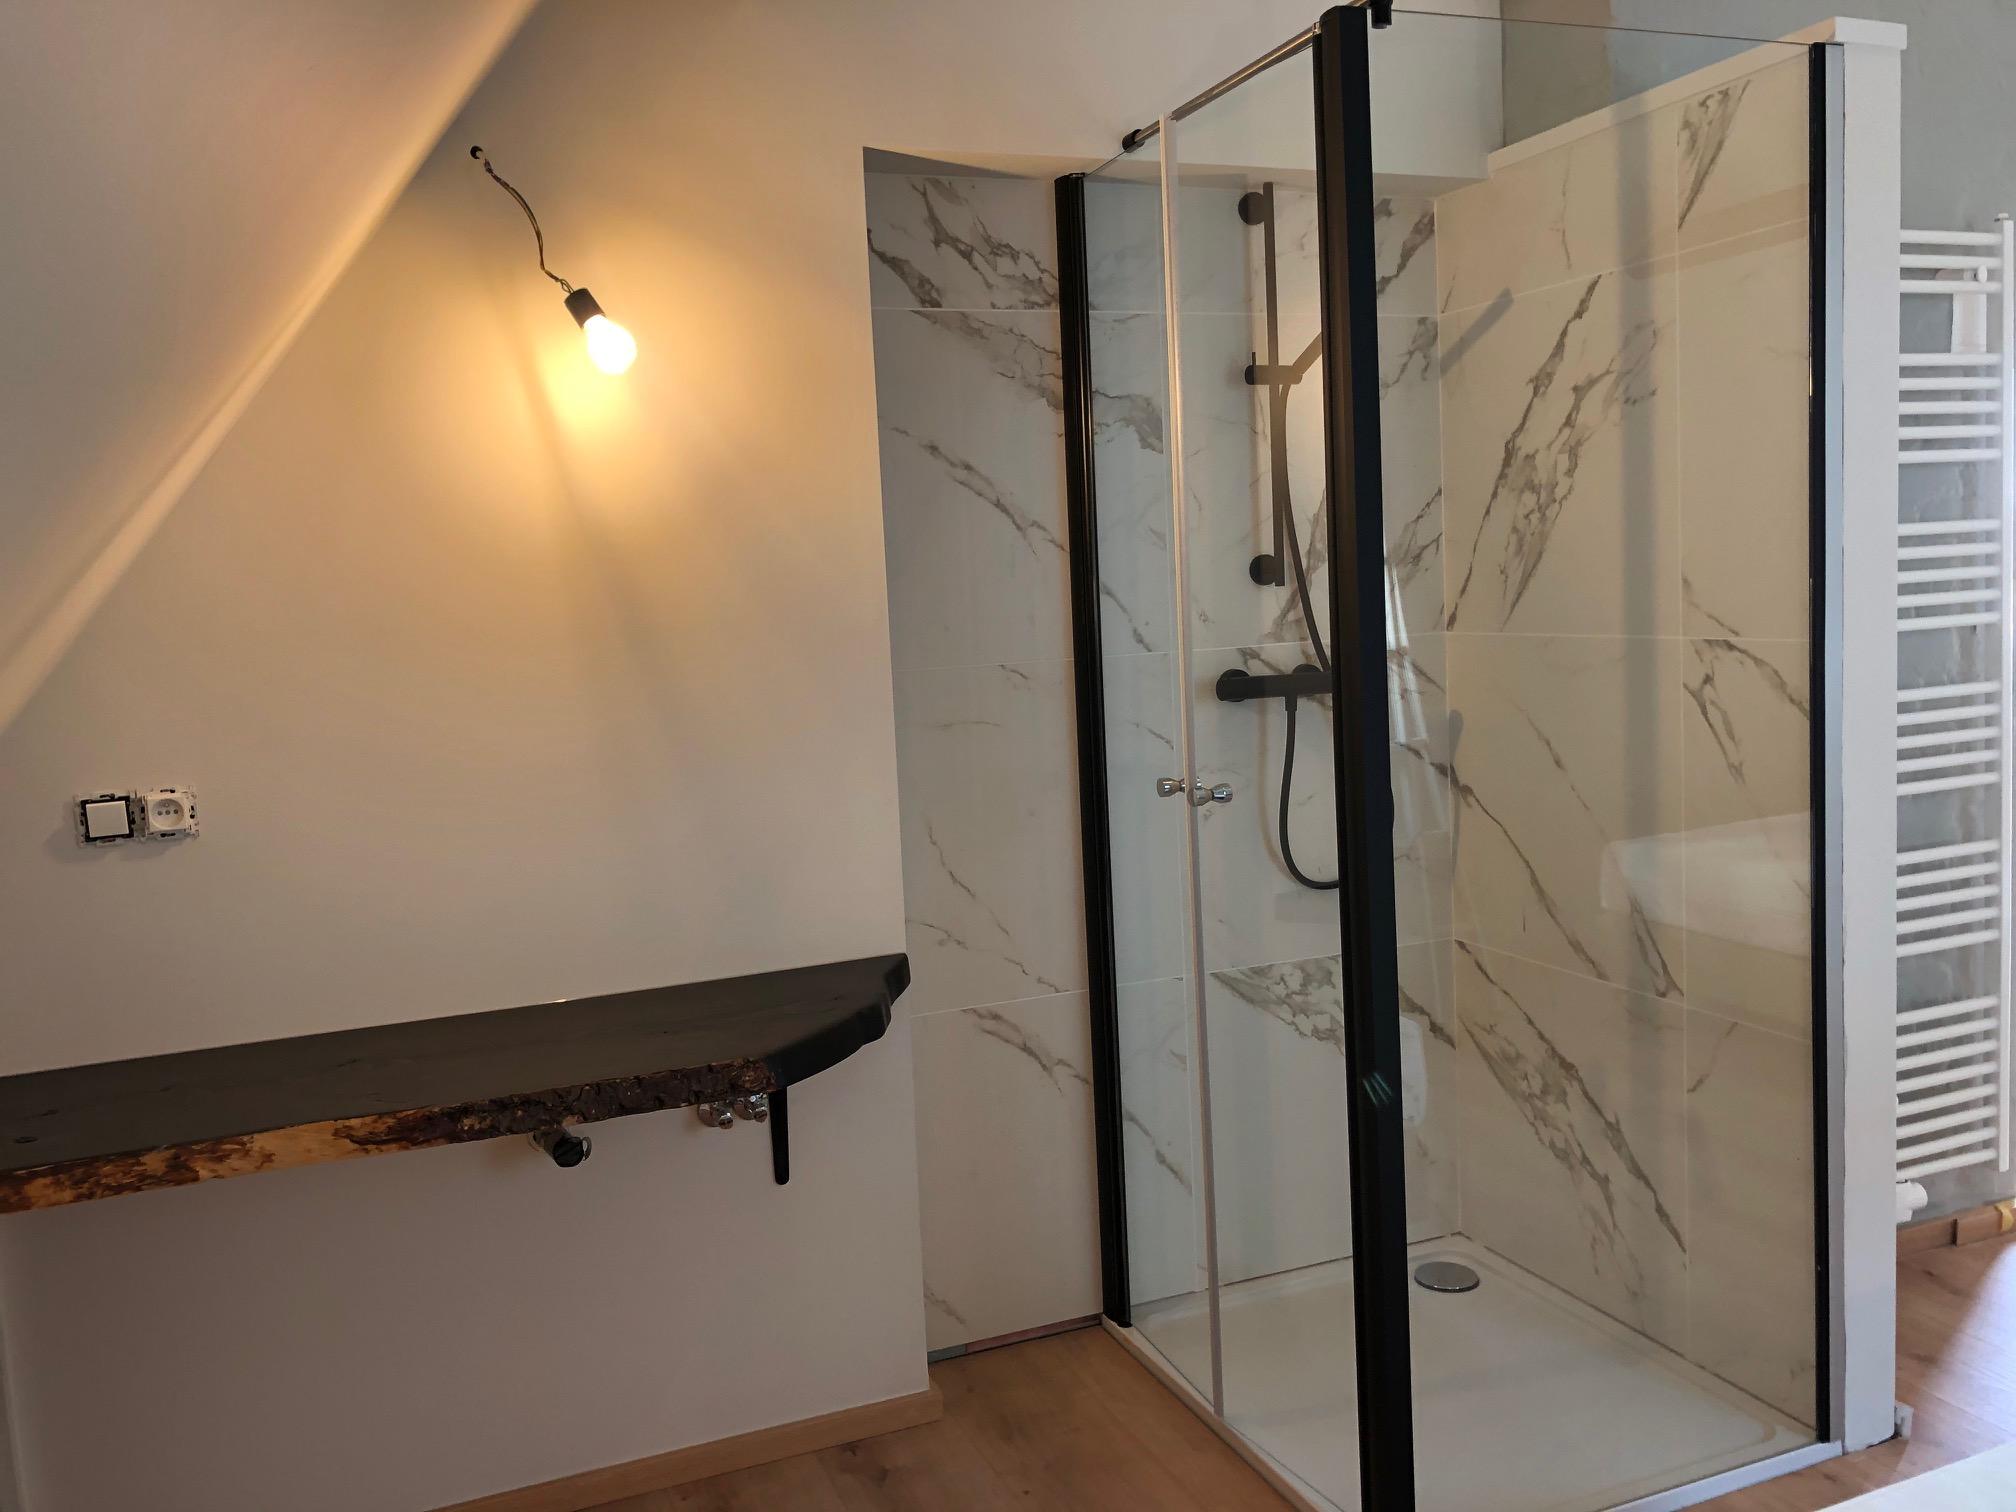 Vakantie aan de zee Zeeparel XL badkamer